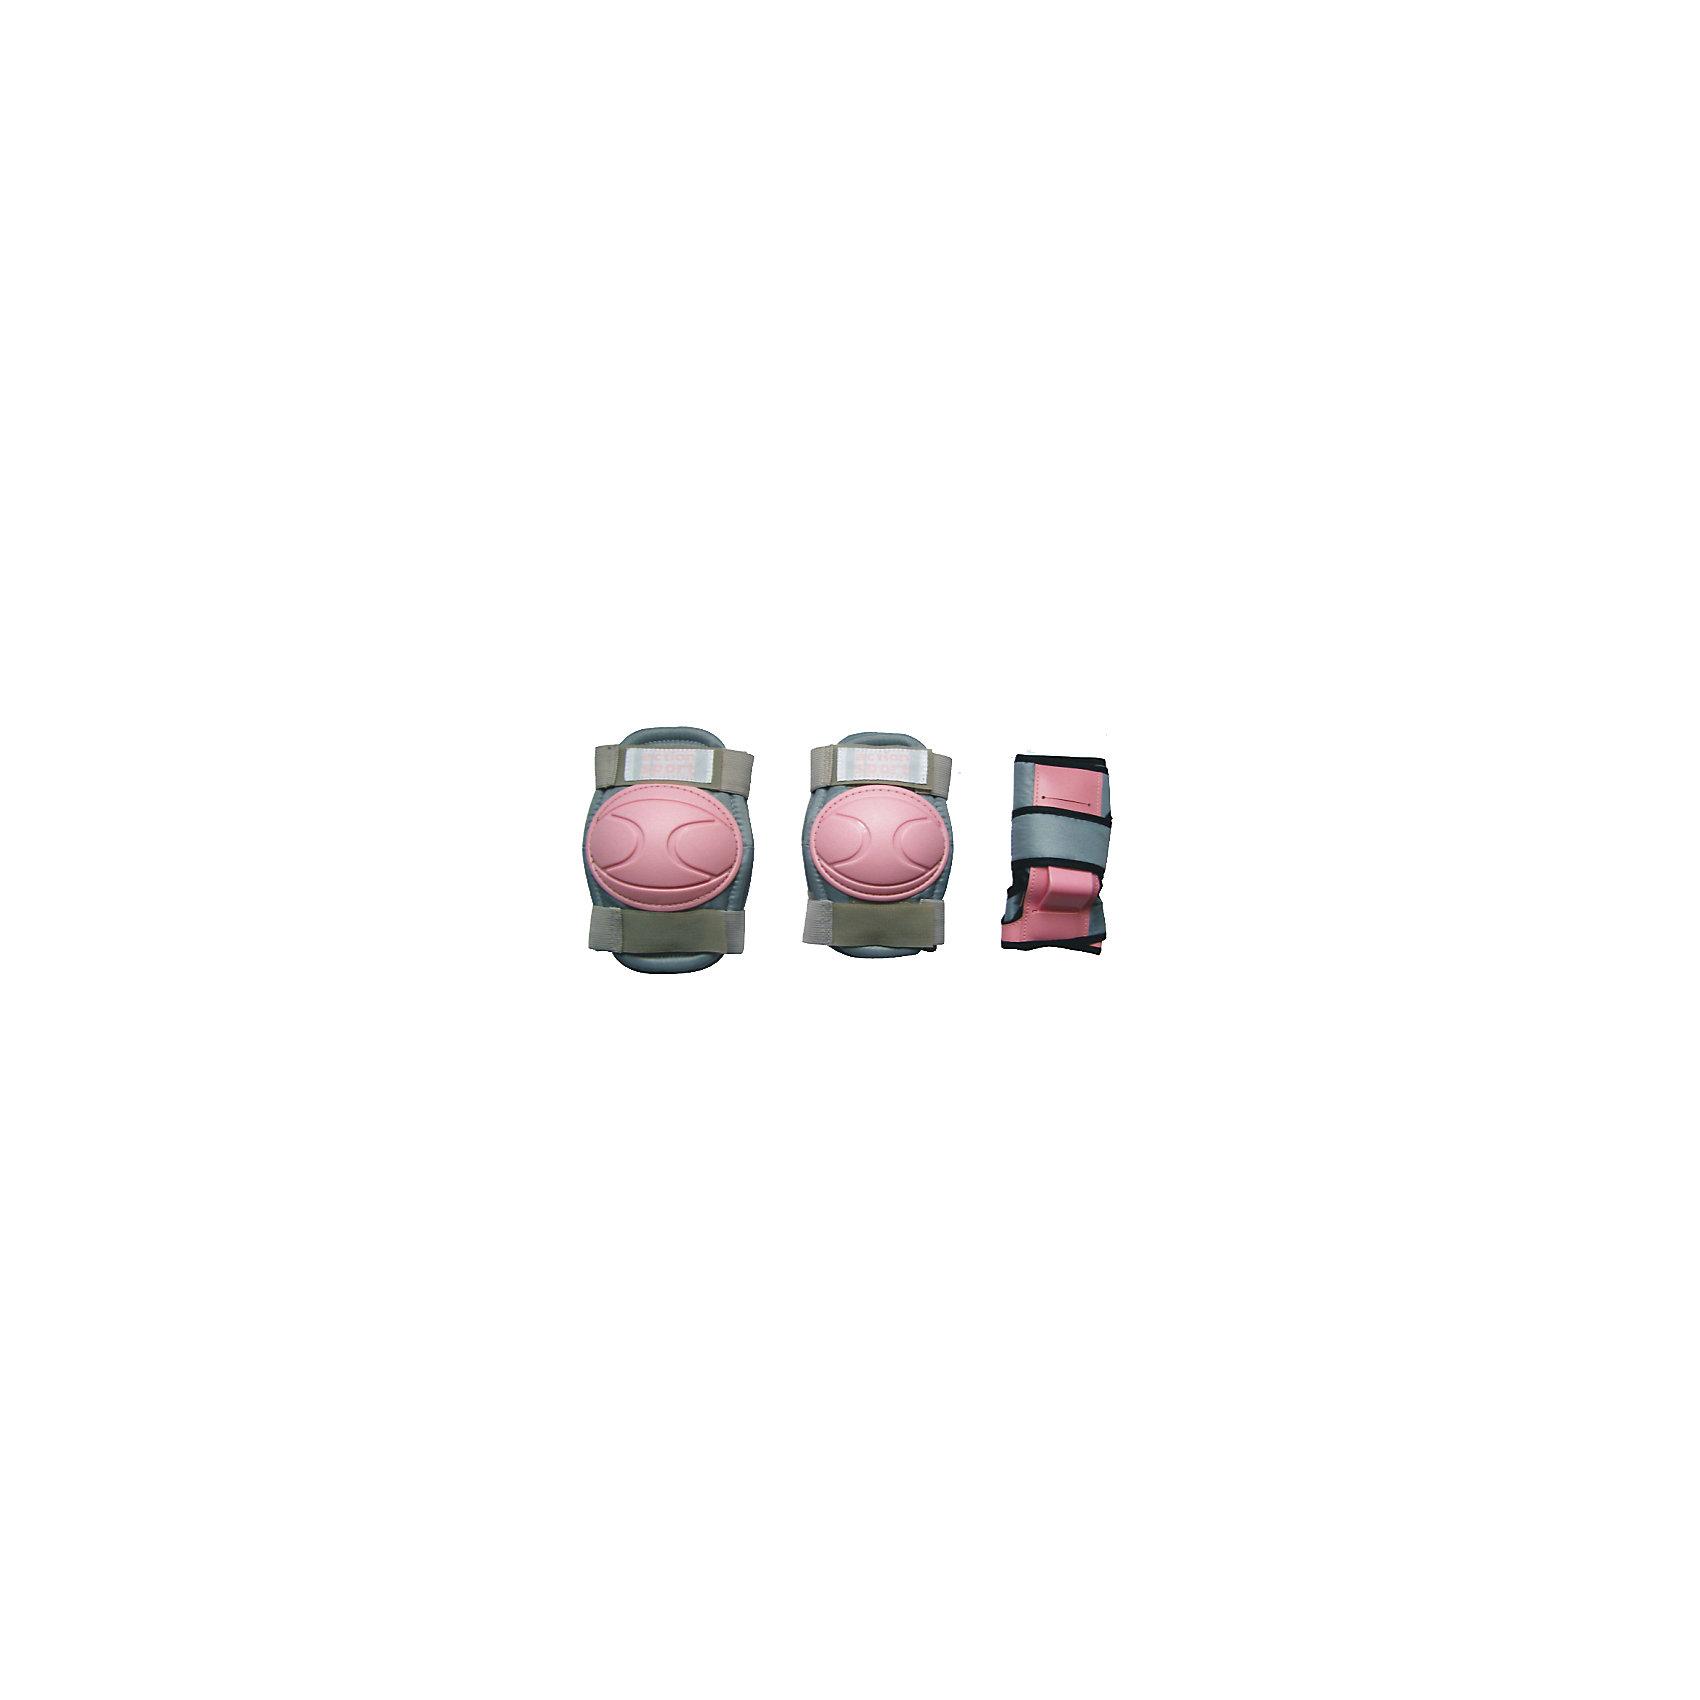 Защита локтя, запястья, колена р.L, ActionОсновные характеристики<br><br>Комплектность: наколенник - 2шт., налокотник - 2шт., наладонник - 2шт.<br>Размер: L (соответствует размерам коньков 38-43)<br>Материалы: основа - нейлон, защитные накладки - поливинилхлорид<br>Цвет: серый/розовый<br>Вид использования: любительское катание на роликовых коньках <br>Страна-производитель: Китай<br>Упаковка: полиэтиленовый пакет с европодвесом<br><br>Наиболее распространённой является тройная защита – наколенники, налокотники и наладонники со специальными пластинами на запястьях. Такой набор защиты для катания на роликовых коньках считается оптимальным, предохраняя от травм самые уязвимые места при катании.<br><br>Ширина мм: 10<br>Глубина мм: 350<br>Высота мм: 160<br>Вес г: 300<br>Возраст от месяцев: 36<br>Возраст до месяцев: 192<br>Пол: Унисекс<br>Возраст: Детский<br>SKU: 5056595